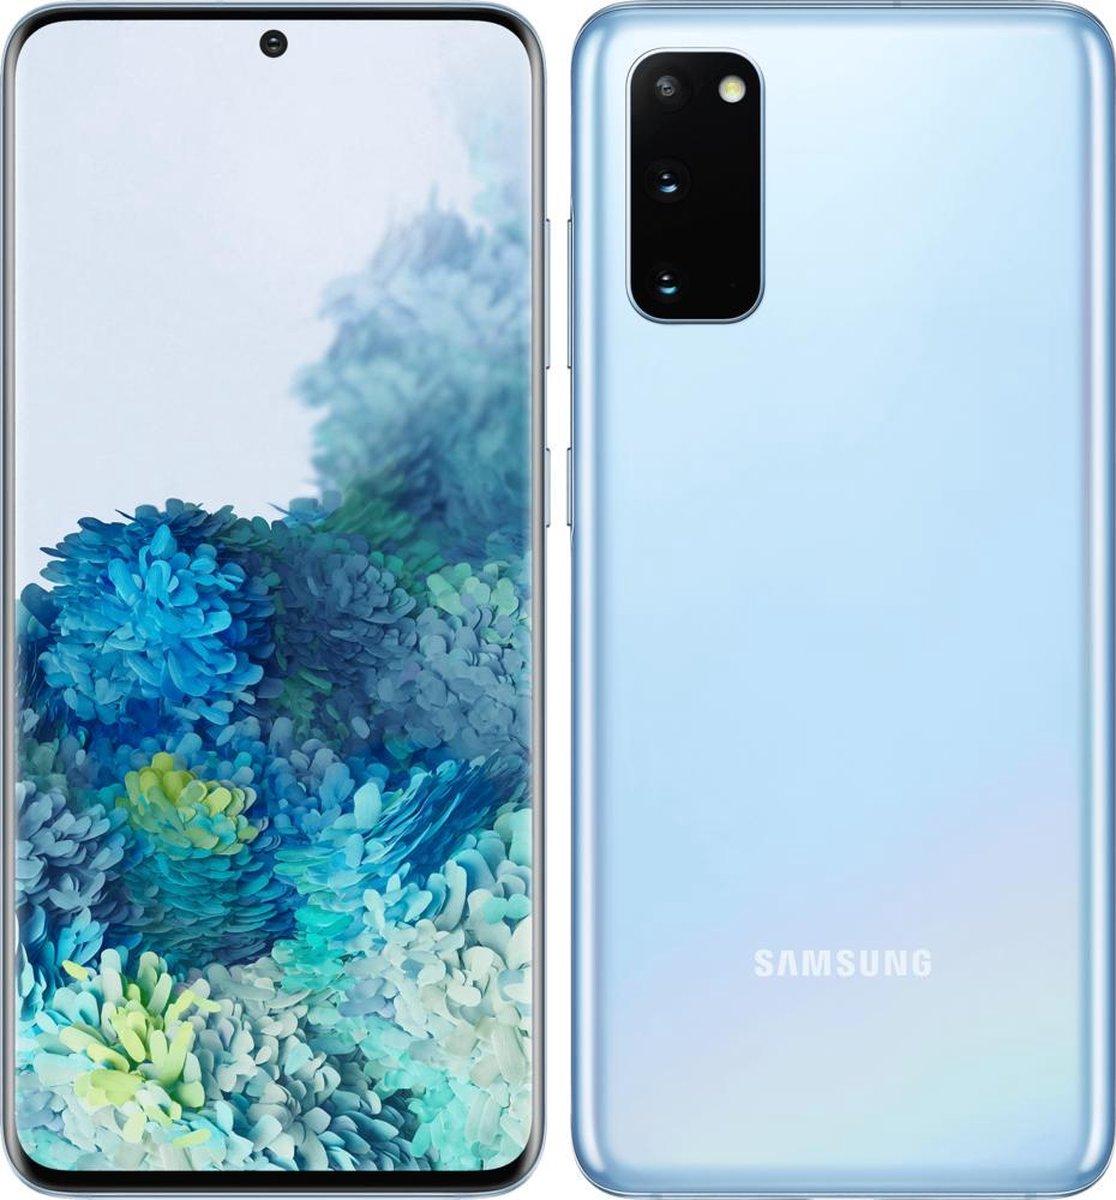 Samsung Galaxy S20 – Alloccaz Refurbished – C grade (Zichtbaar gebruikt)- 128GB – Blauw (Coral Blue)